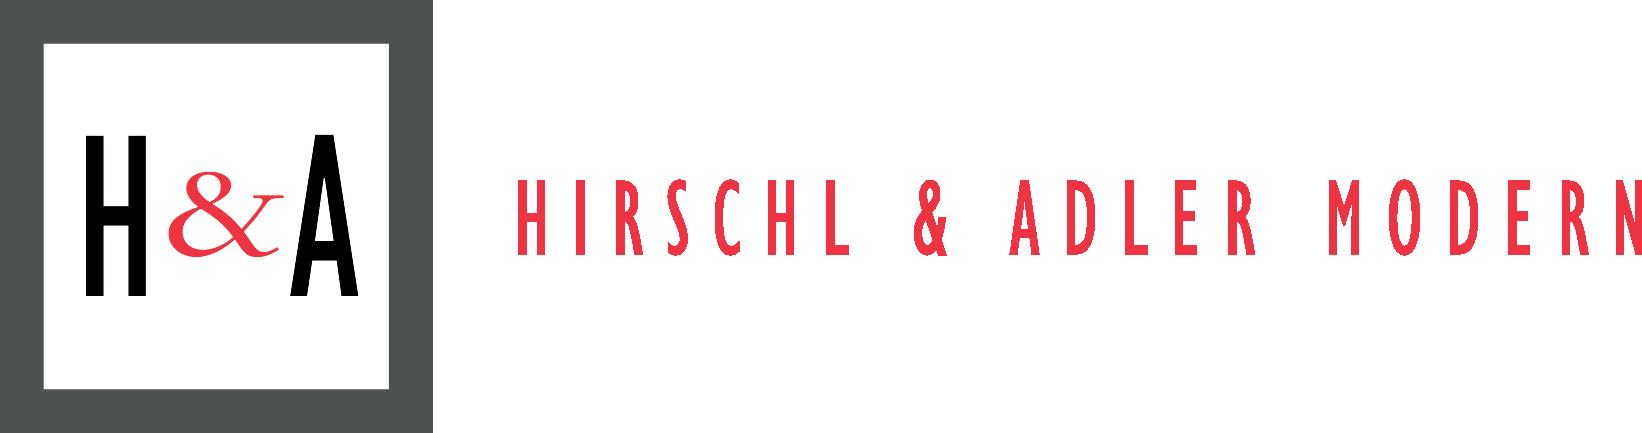 HirschlAdlerModernlogo